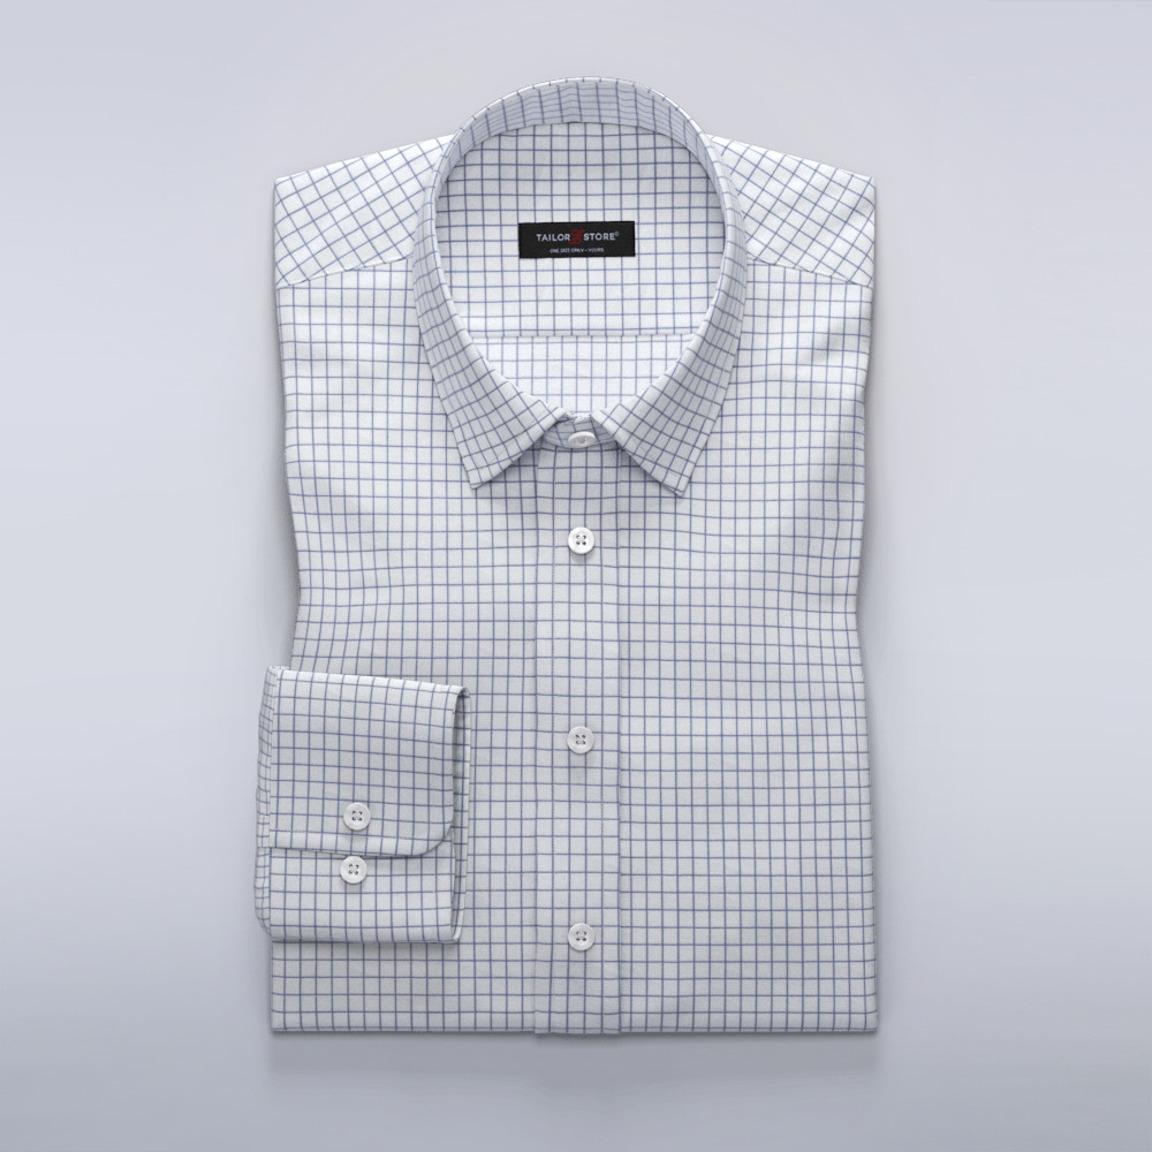 Hochqualitatives Business-Hemd aus weiß-dunkelblau-kariertem Twill.